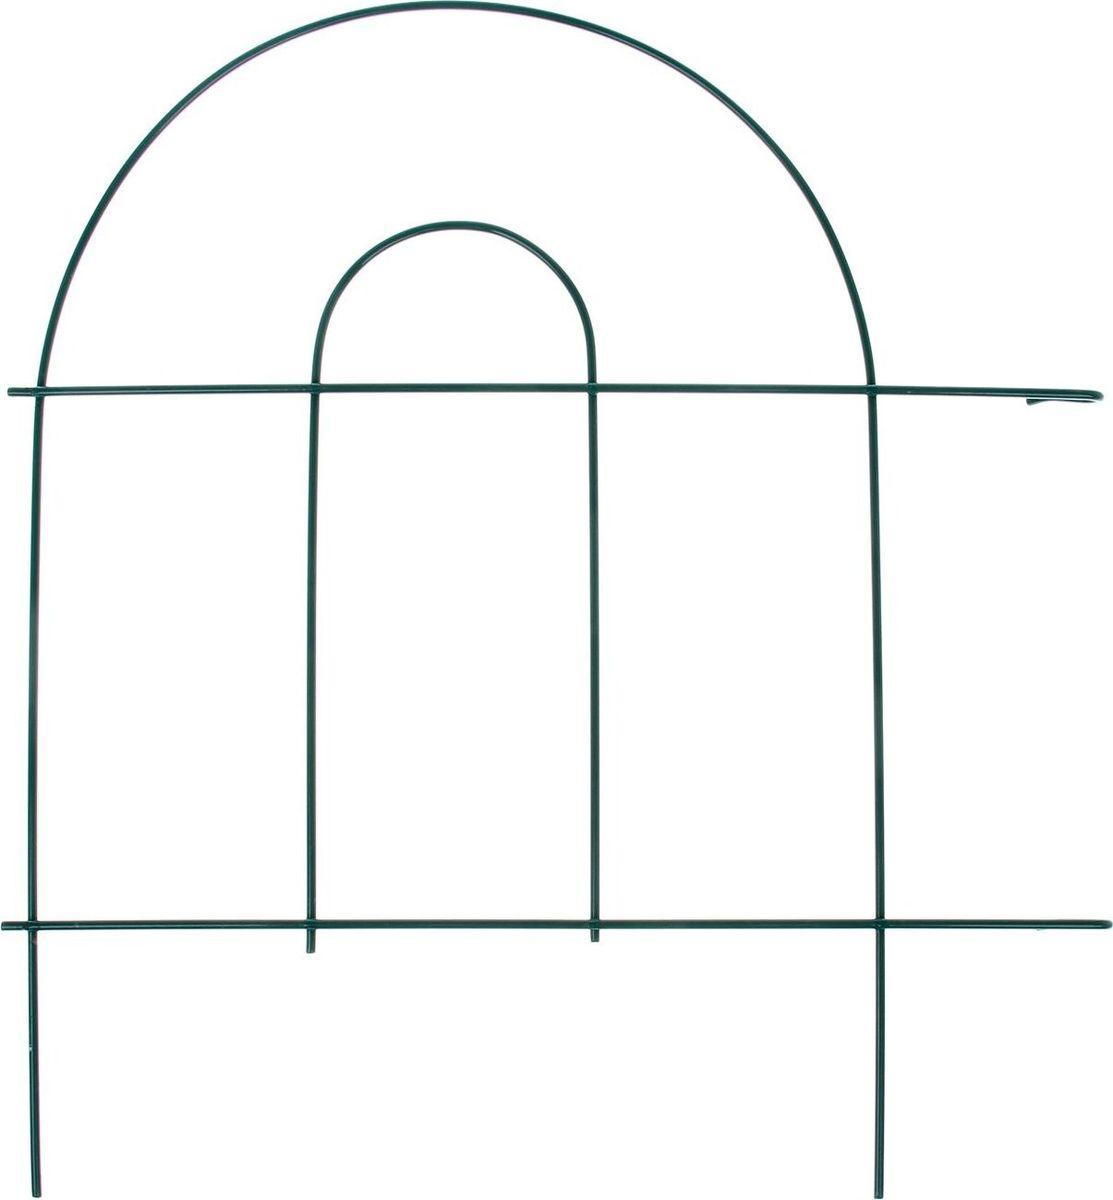 Ограждение садовое декоративное, 1 секция, 50 х 70 см1151541Ограждение декоративное 50 х 70 см, 1 секция, без заглушек, металл защитит ваши цветники от непоседливых детей и любопытных животных. Металлическое изделие имеет ряд преимуществ Длительный срок службы. Забор защищен от коррозии специальным покрытием. Ему не страшна непогода. Надежность. Благодаря своей прочности выдерживает механические нагрузки. Яркий, насыщенный цвет не потускнеет со временем и не выгорит на солнце. Простой уход. Вам нужно лишь периодически обновлять краску. Приспособление не боится высокой влажности. Как установить? Выберите место для ограждения (это может быть садовая дорожка, грядка или красивая клумба). Расчистите его от травы и других растений. Возьмите одну секцию и аккуратно воткните ее ножками в землю на максимальную глубину. Вставьте вторую рядом с первой. Повторяйте пункт 4 до тех пор, пока не установите все элементы изделия. Характеристики Всего секций: 1 шт.Размеры одной секции: 50 х 70 см.Высота без ножки: 36 см.Общая длина: 70 см. Пусть ваш садовый участок радует вас красотой и обильным урожаем!